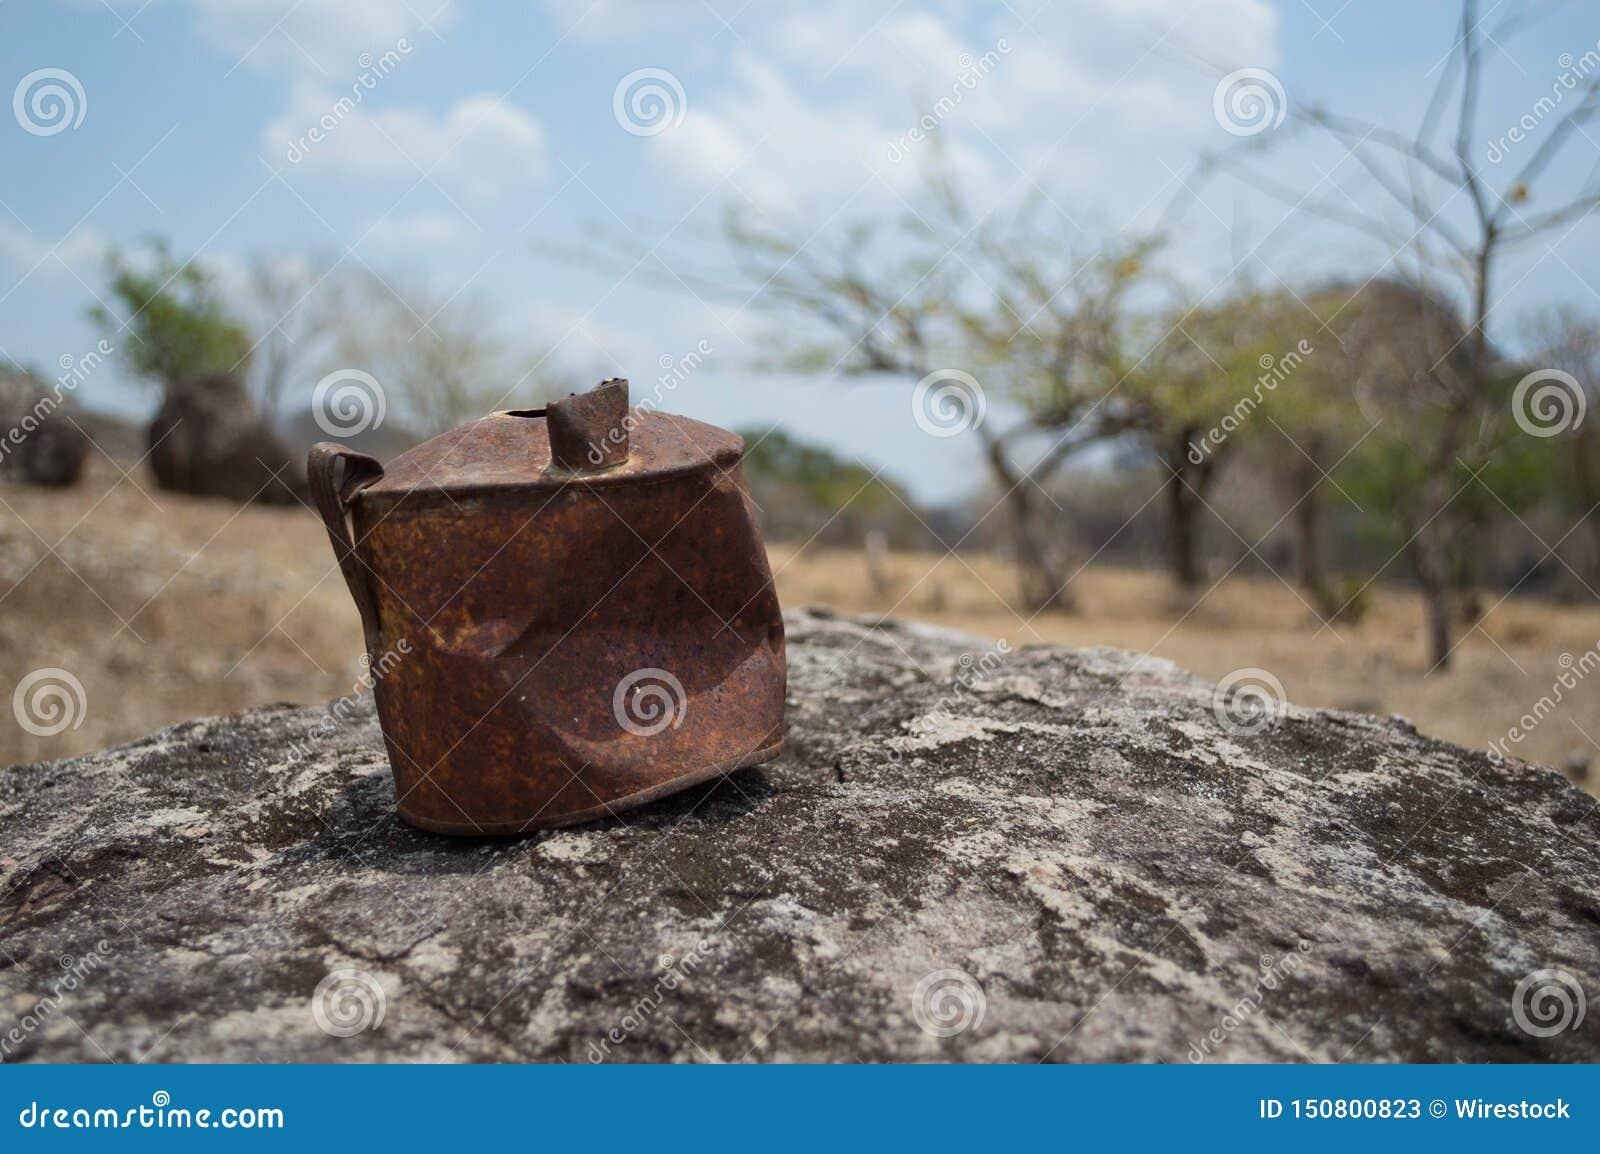 Vieille boîte rouillée sur une roche dans un désert